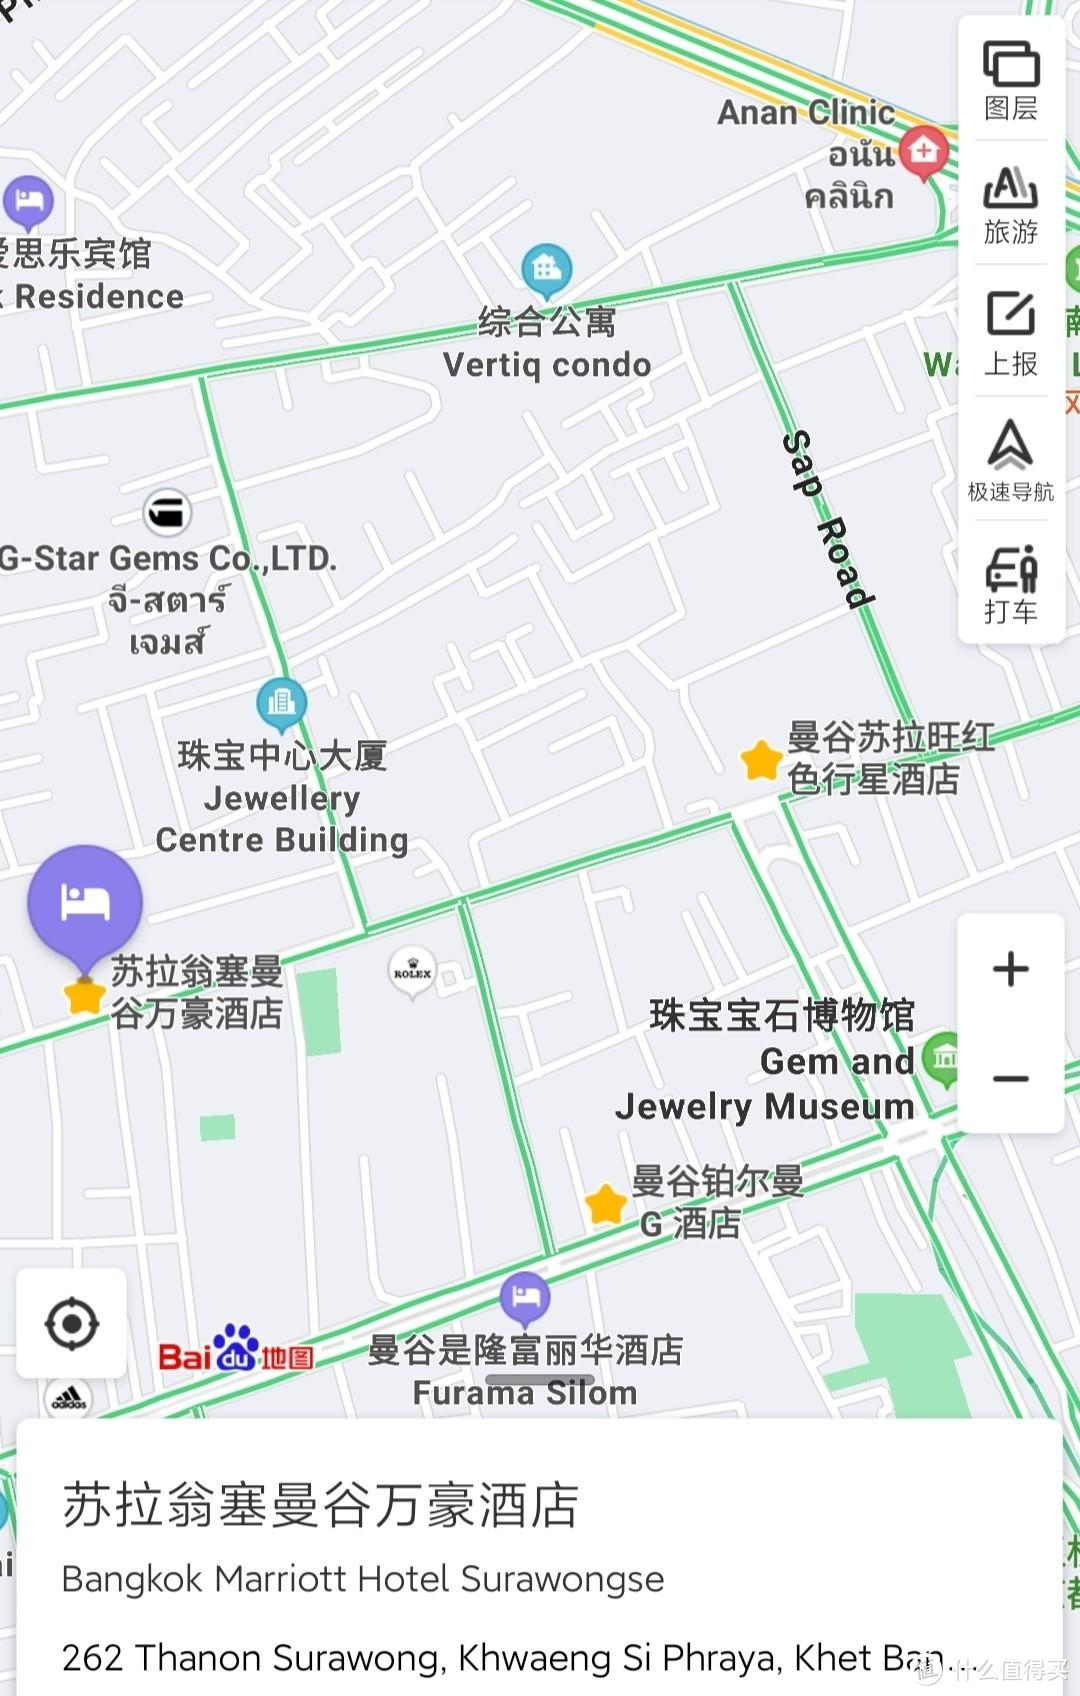 曼谷酒店攻略:曼谷酒店怎么选(泰国5星级酒店免费住)